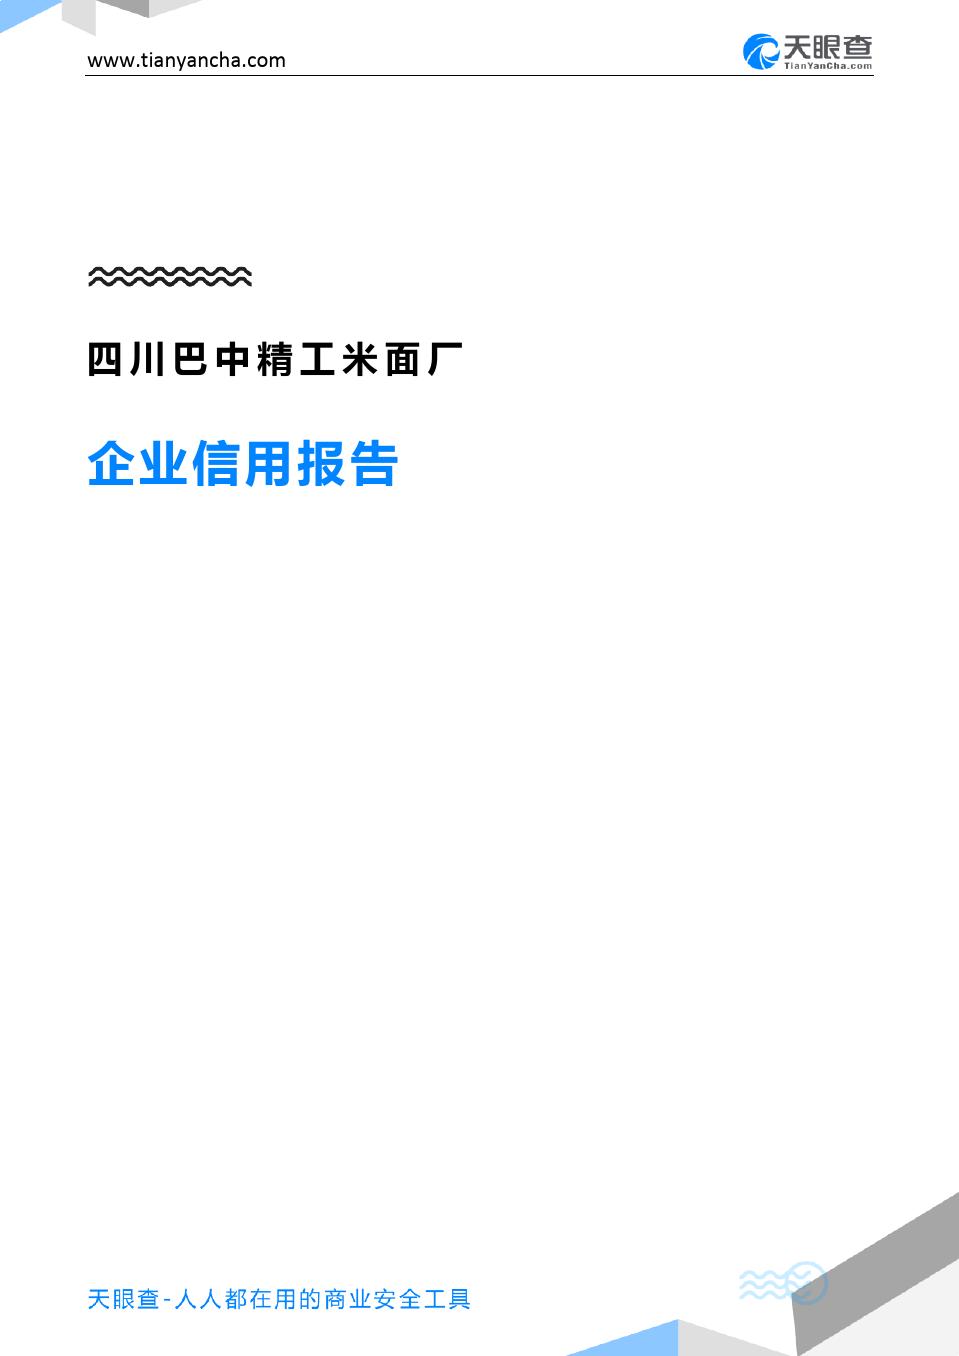 四川巴中精工米面厂(企业信用报告)- 天眼查